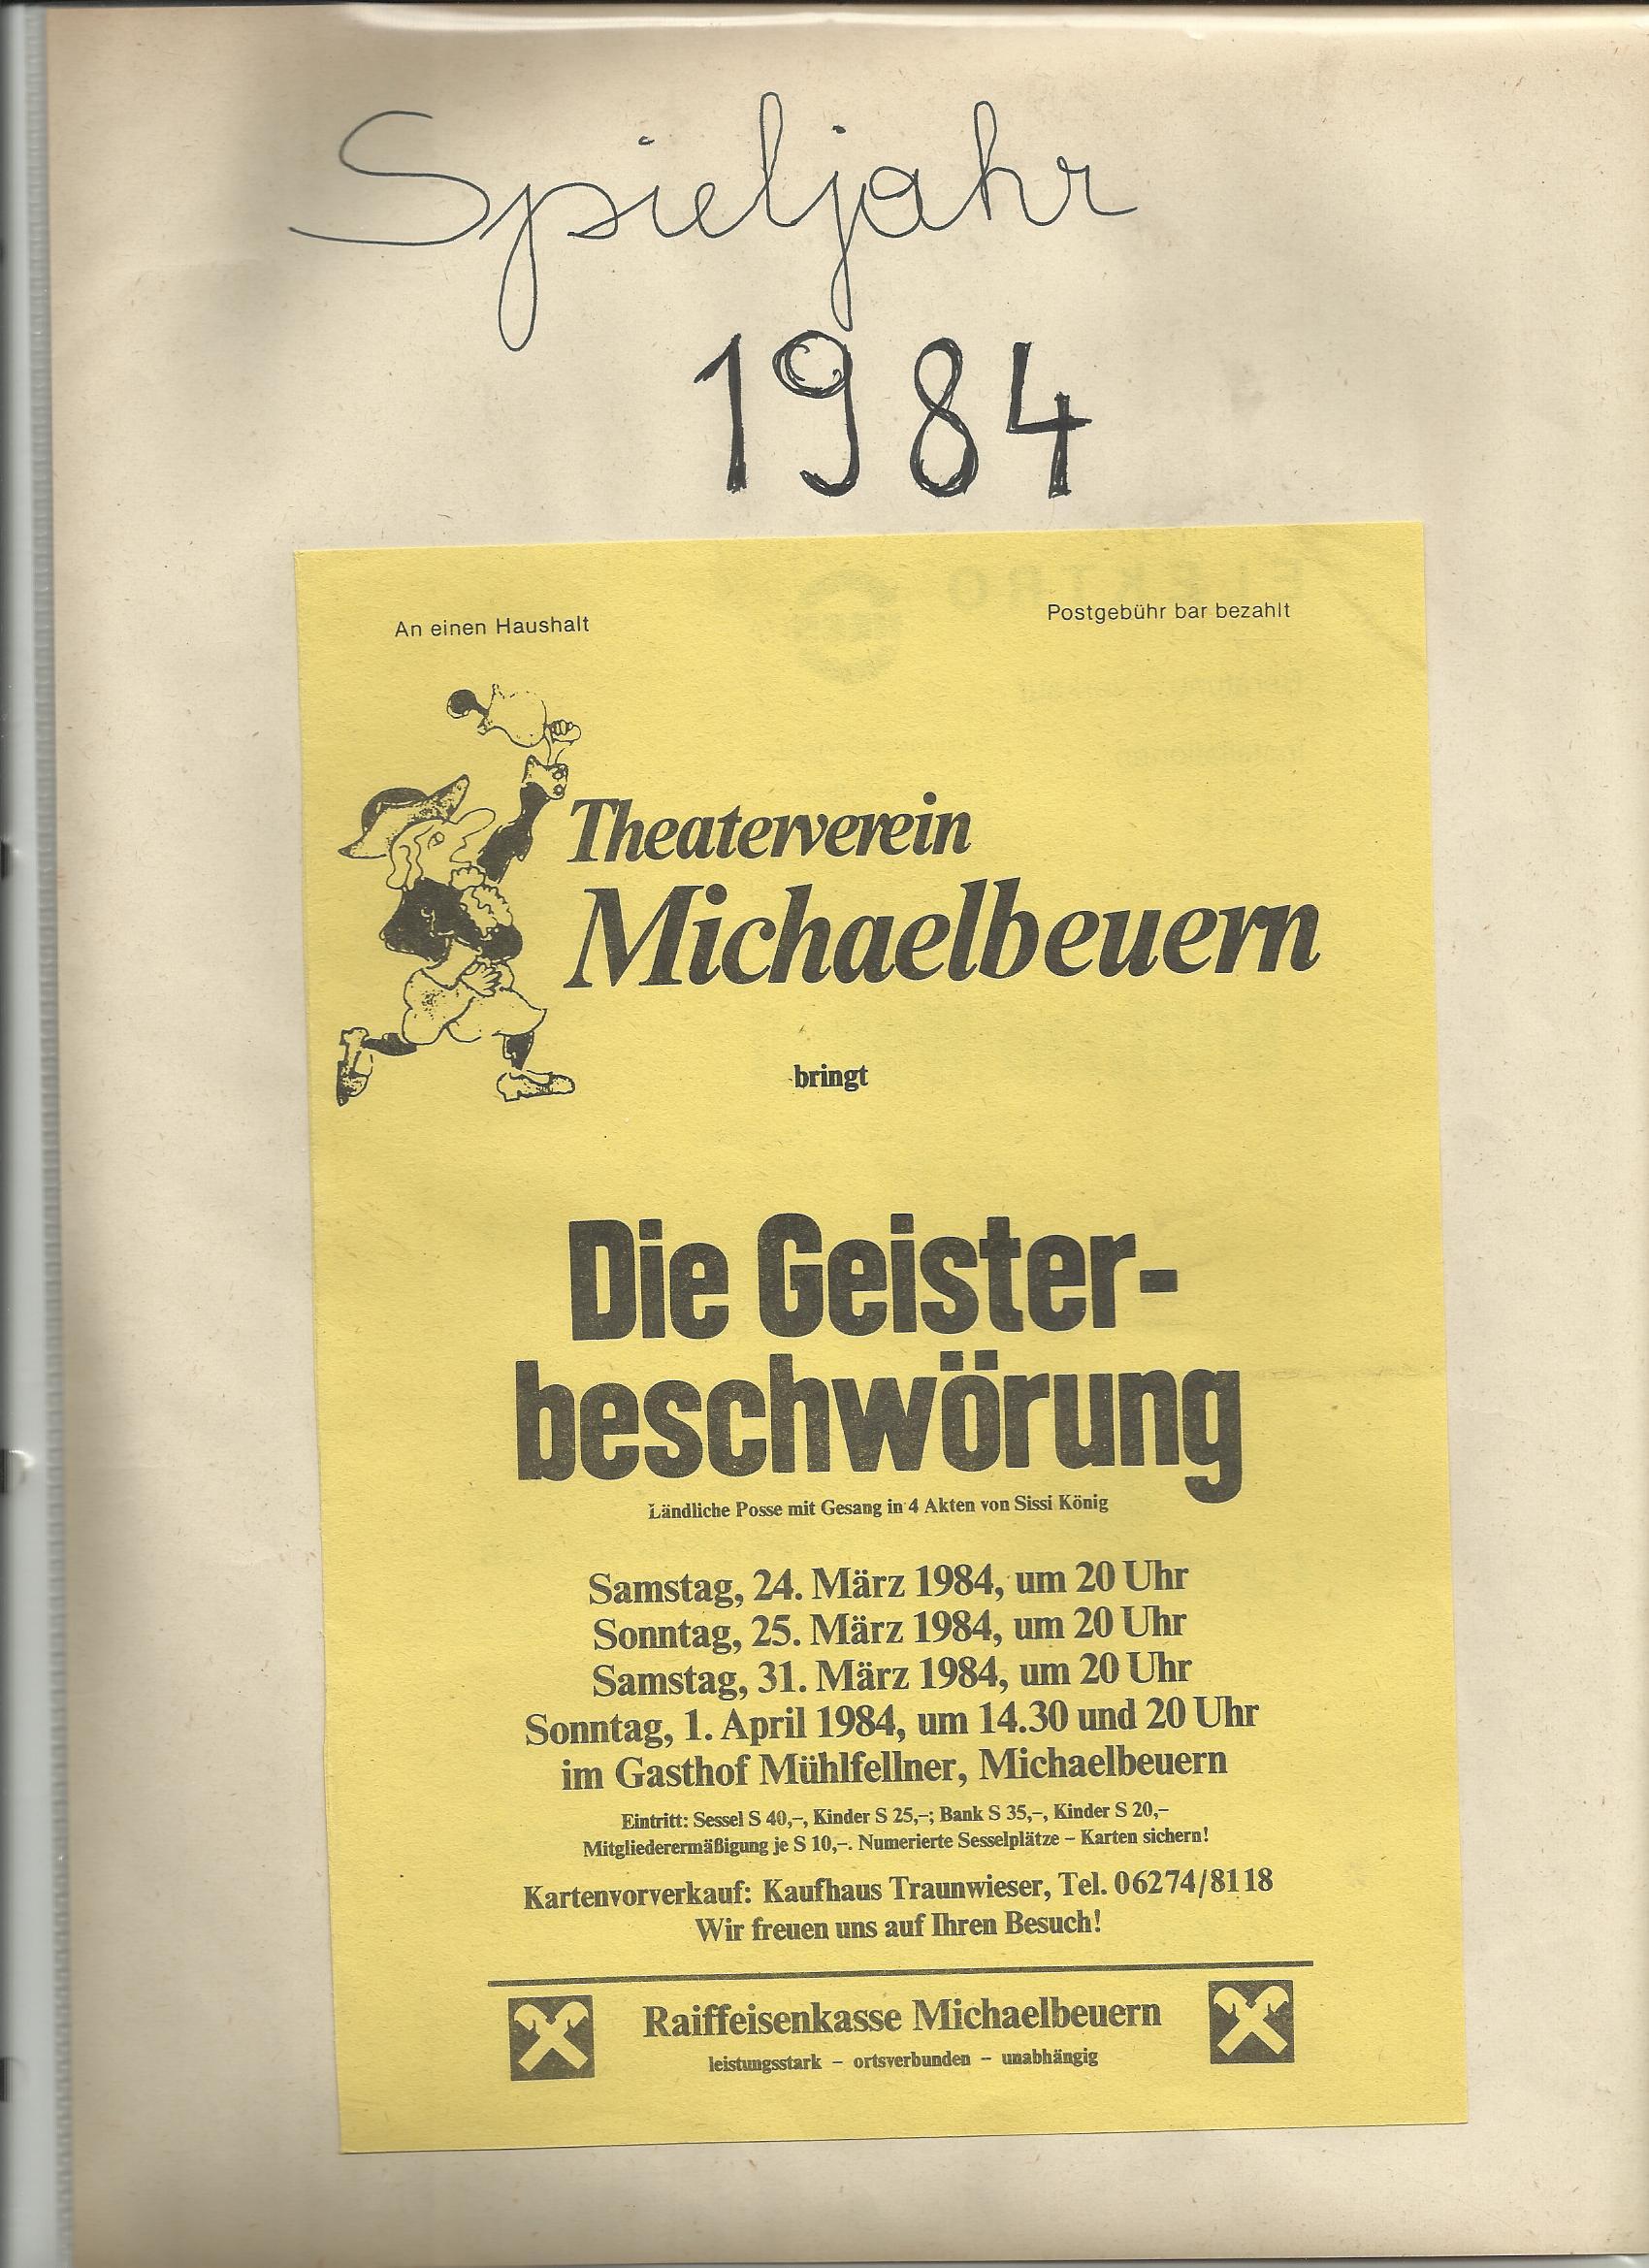 TV 1984 Die Geisterbewschwörung0001